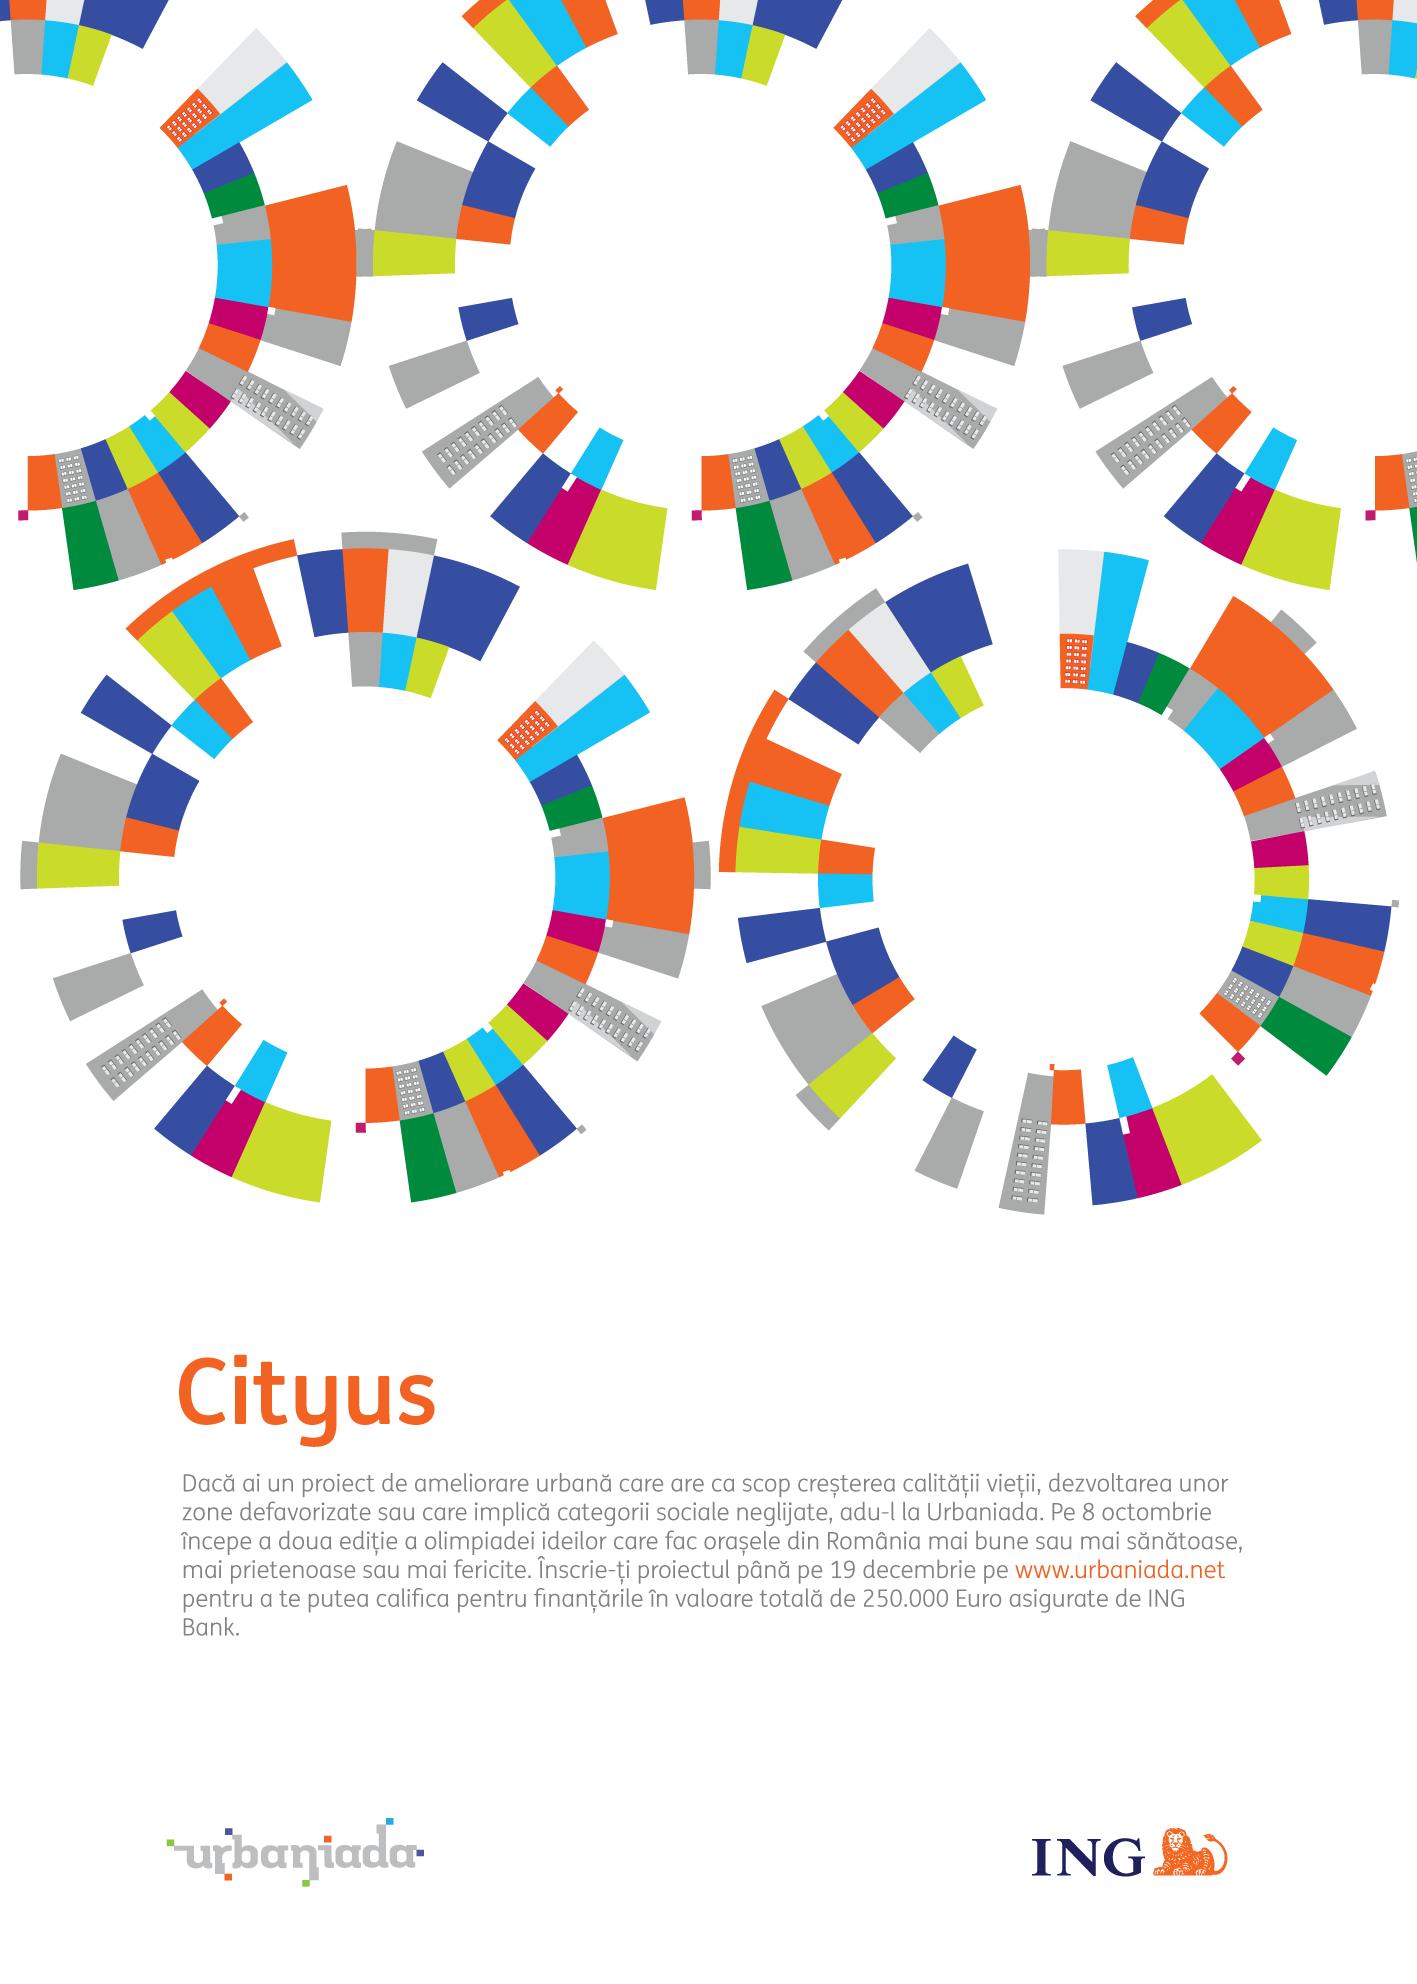 cityus